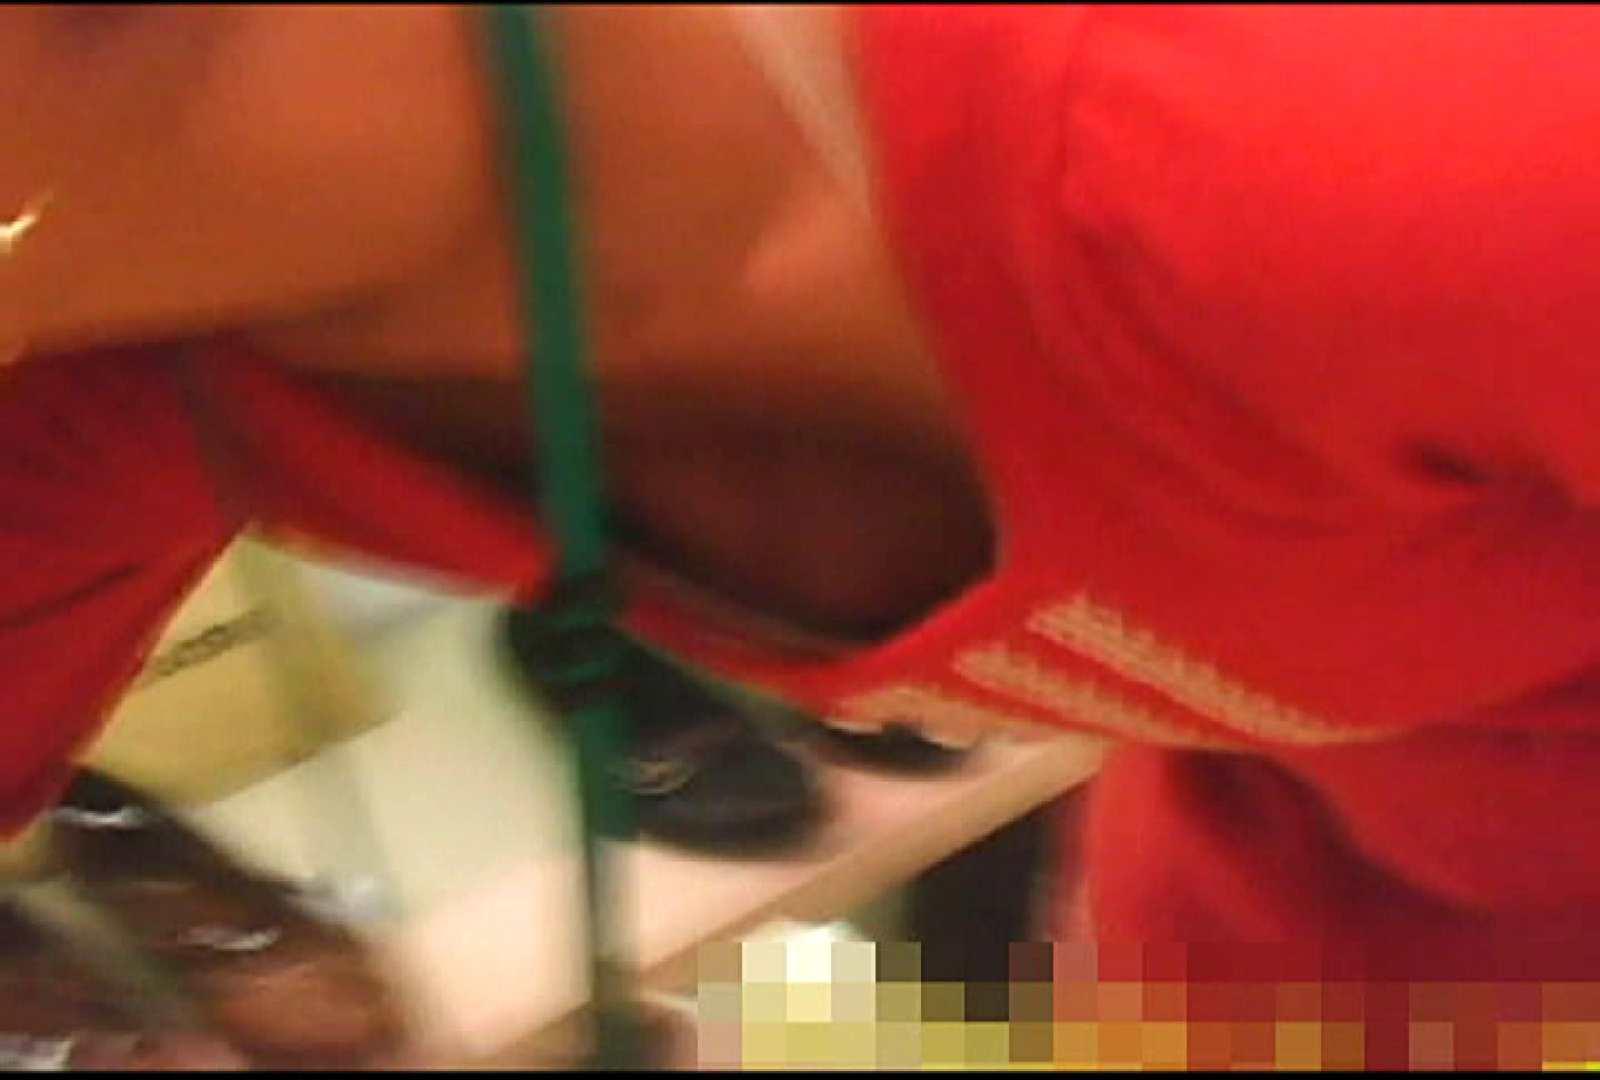 「ノゾキスト」さんの陰撮!!美女サルベージVol.1 覗き | 美女のヌード  68画像 65